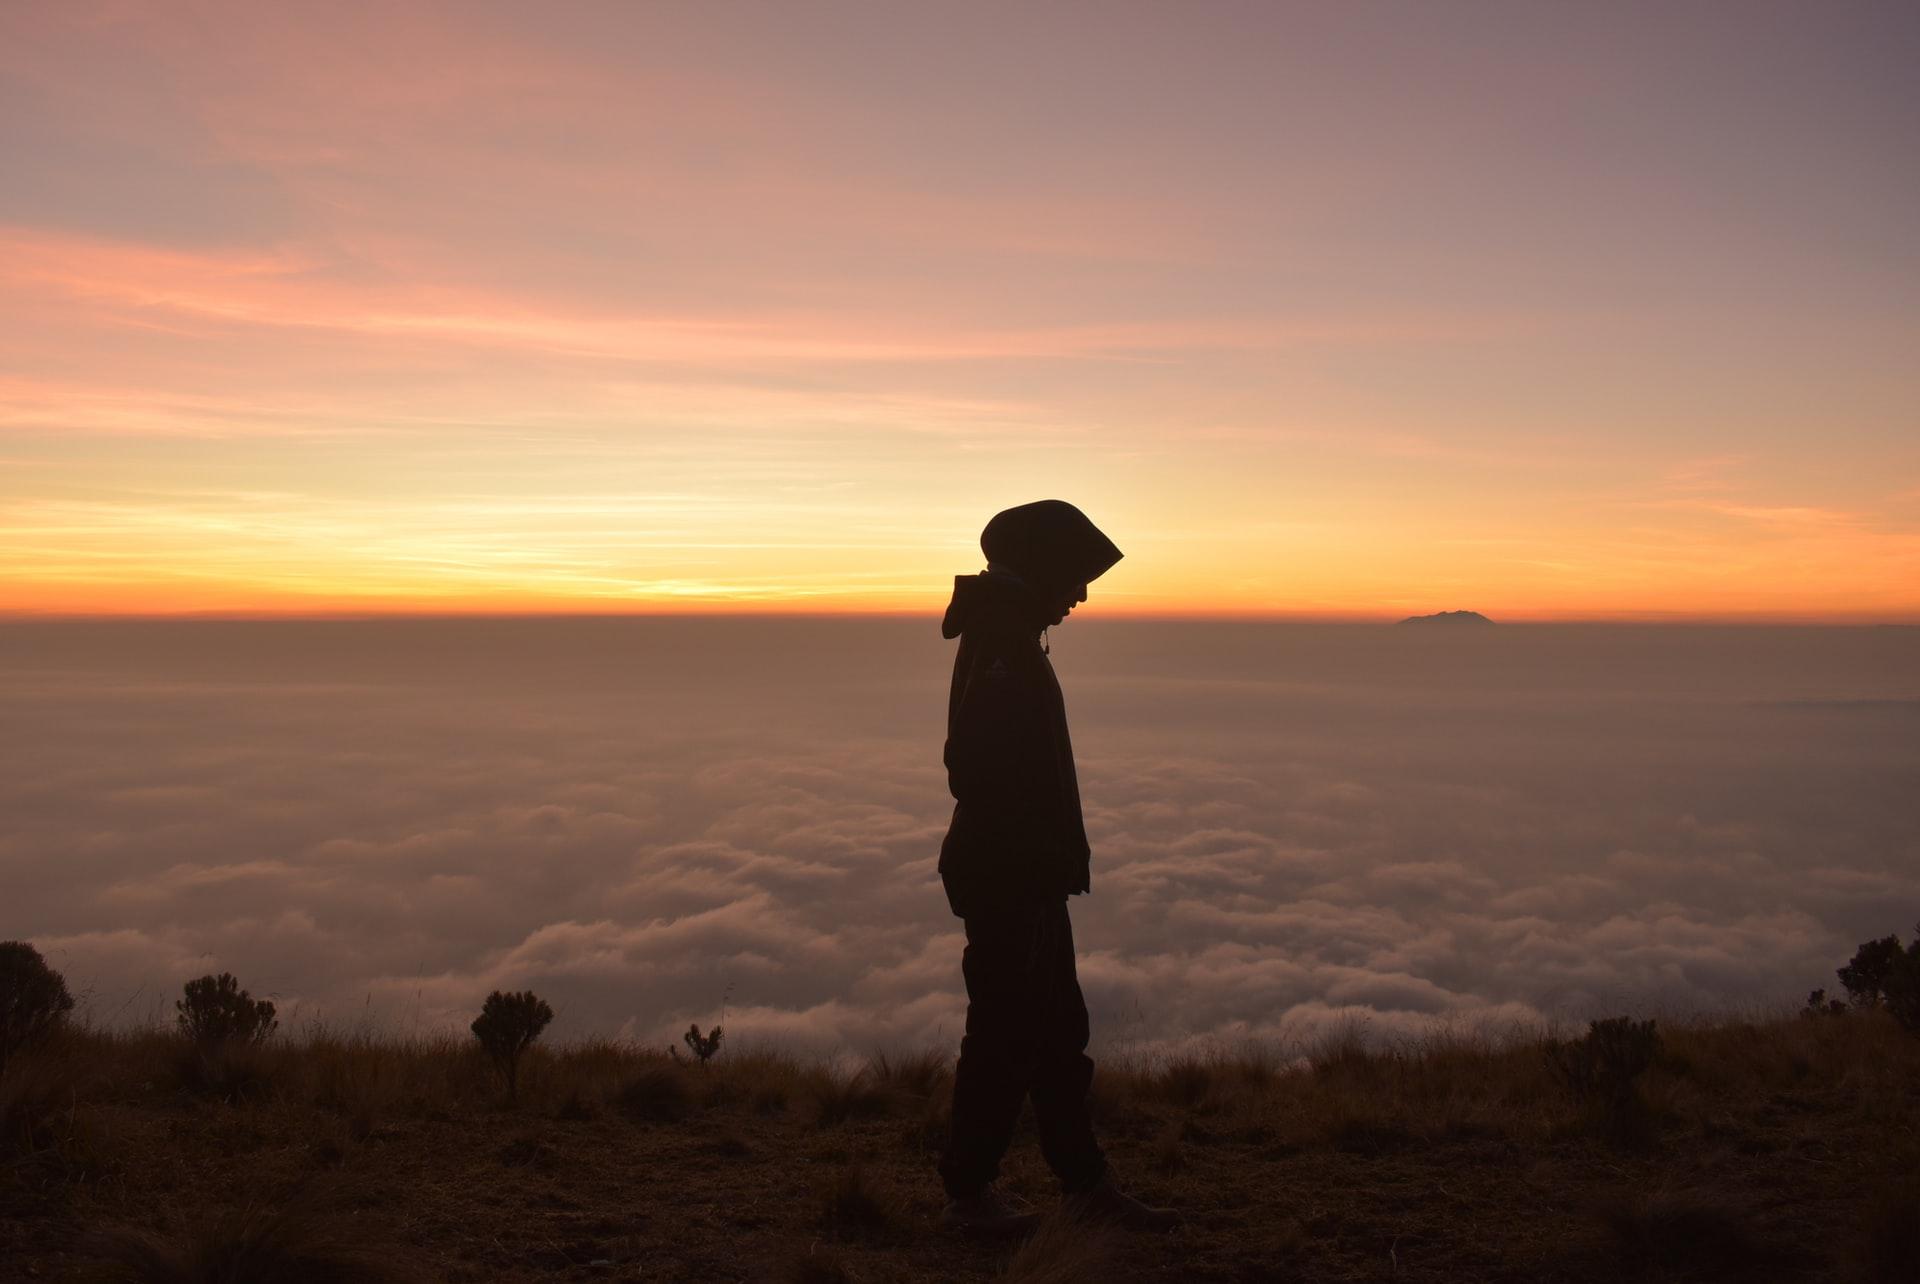 Manfaat Puasa untuk Kesehatan Mental